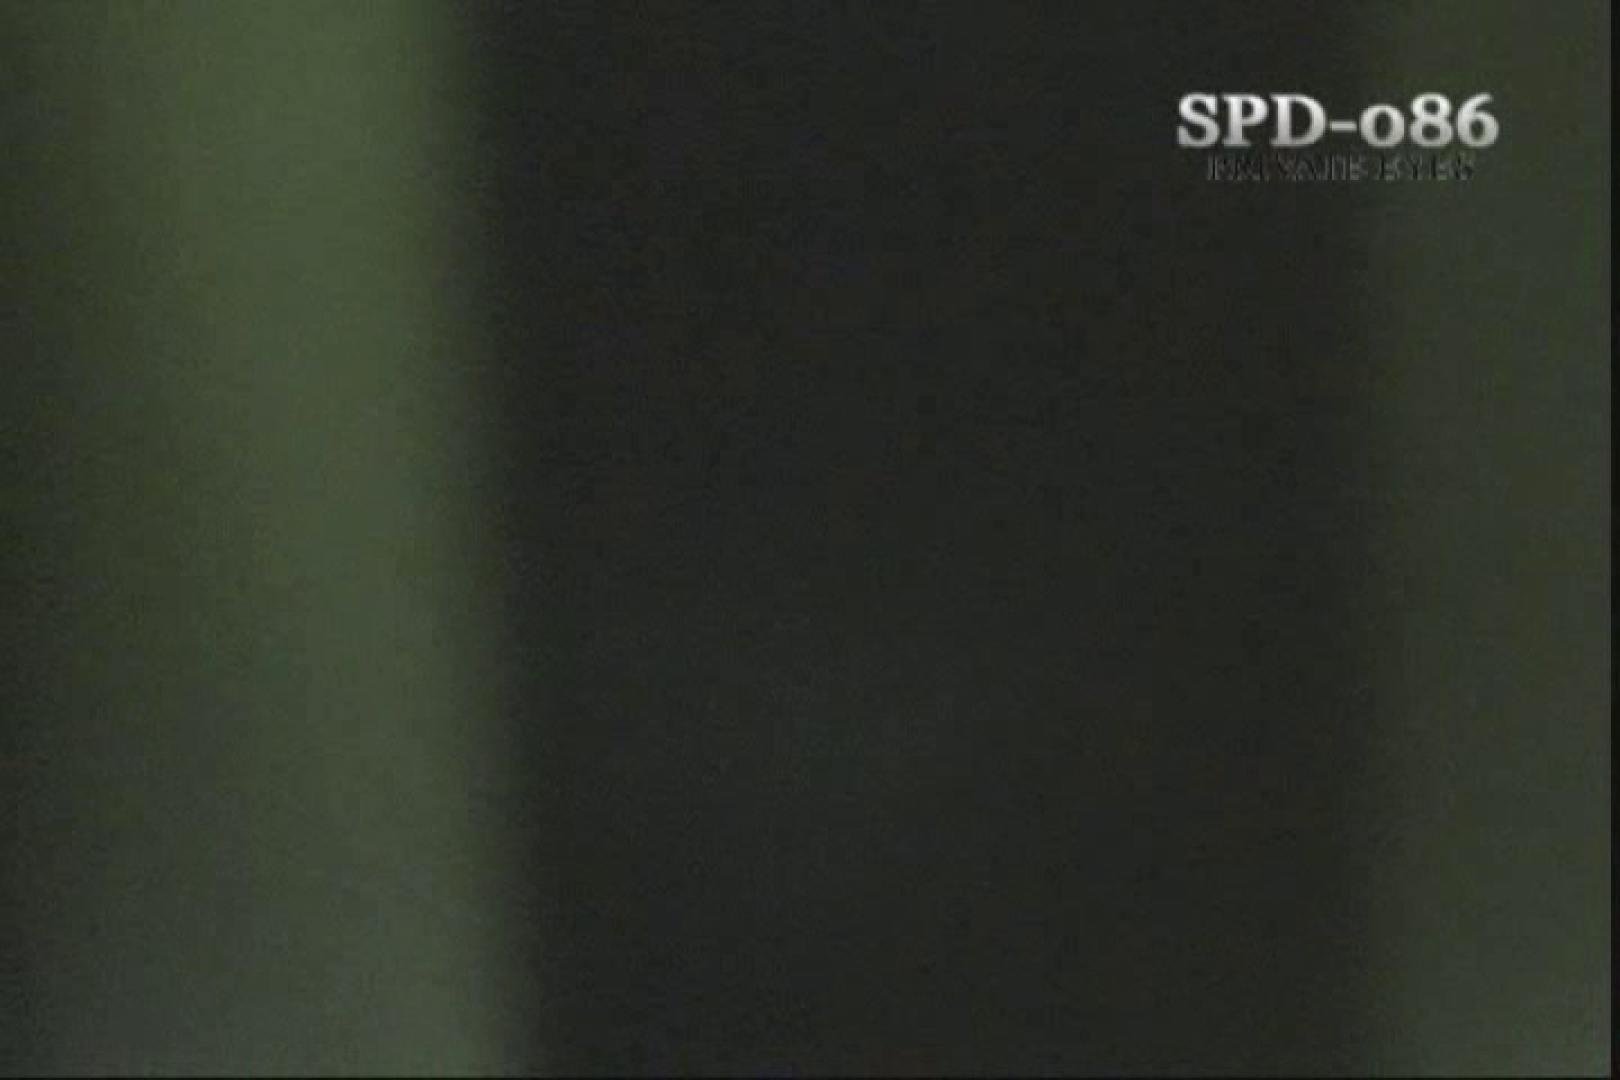 高画質版!SPD-086 盗撮・厠の隙間 3 ~厠盗撮に革命前代未分の映像~ 高画質  28連発 15